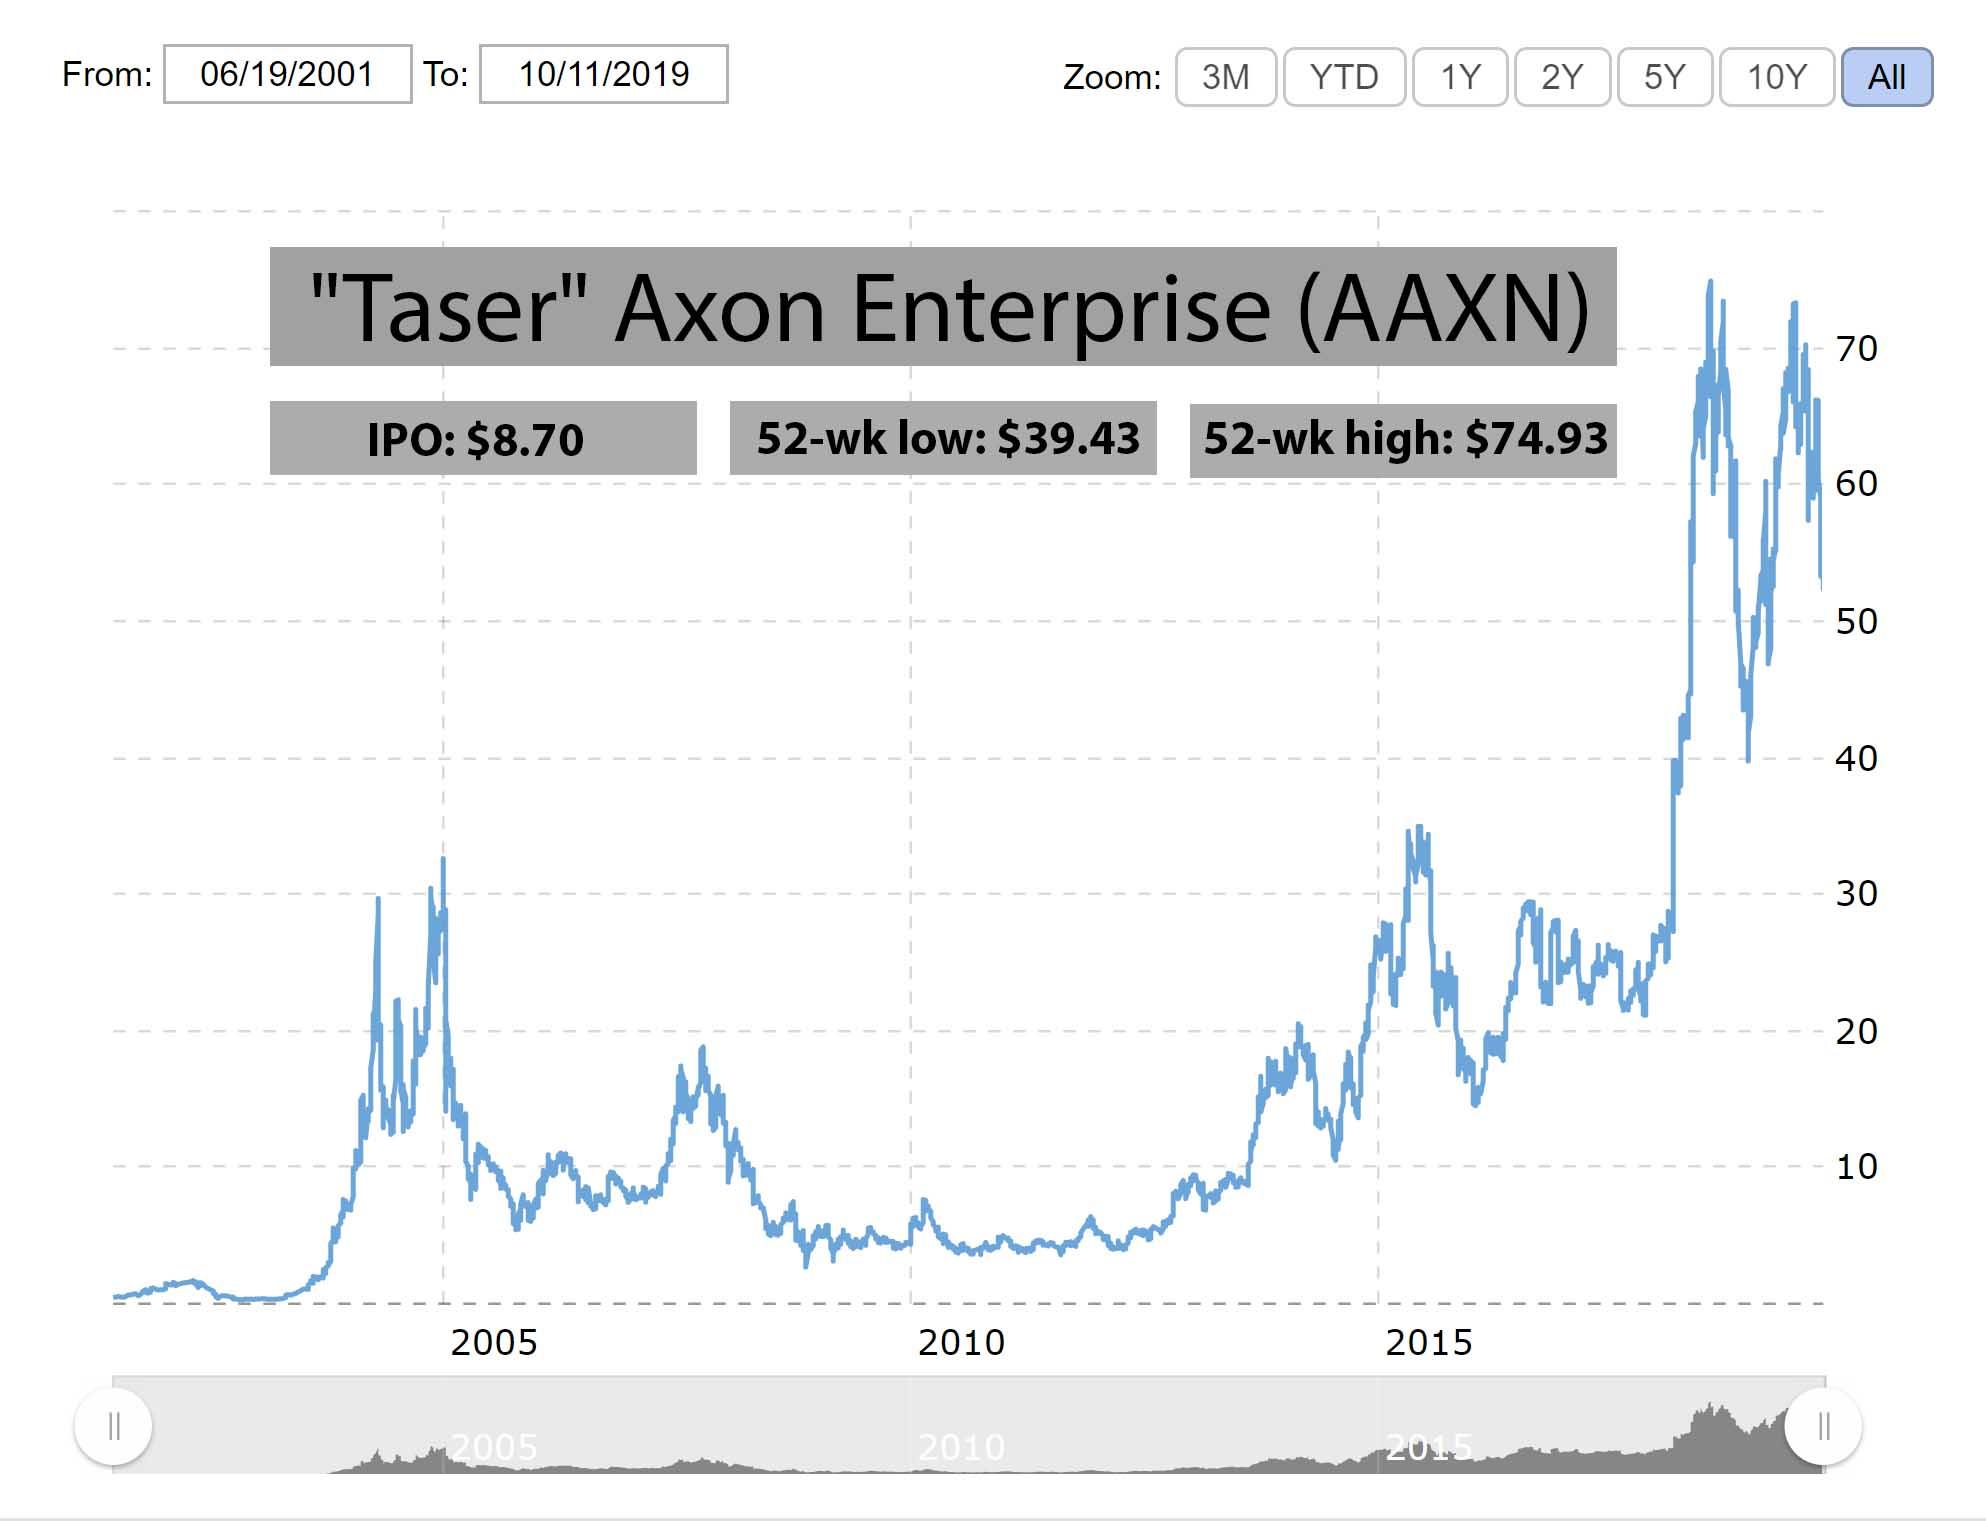 AAXN IPO